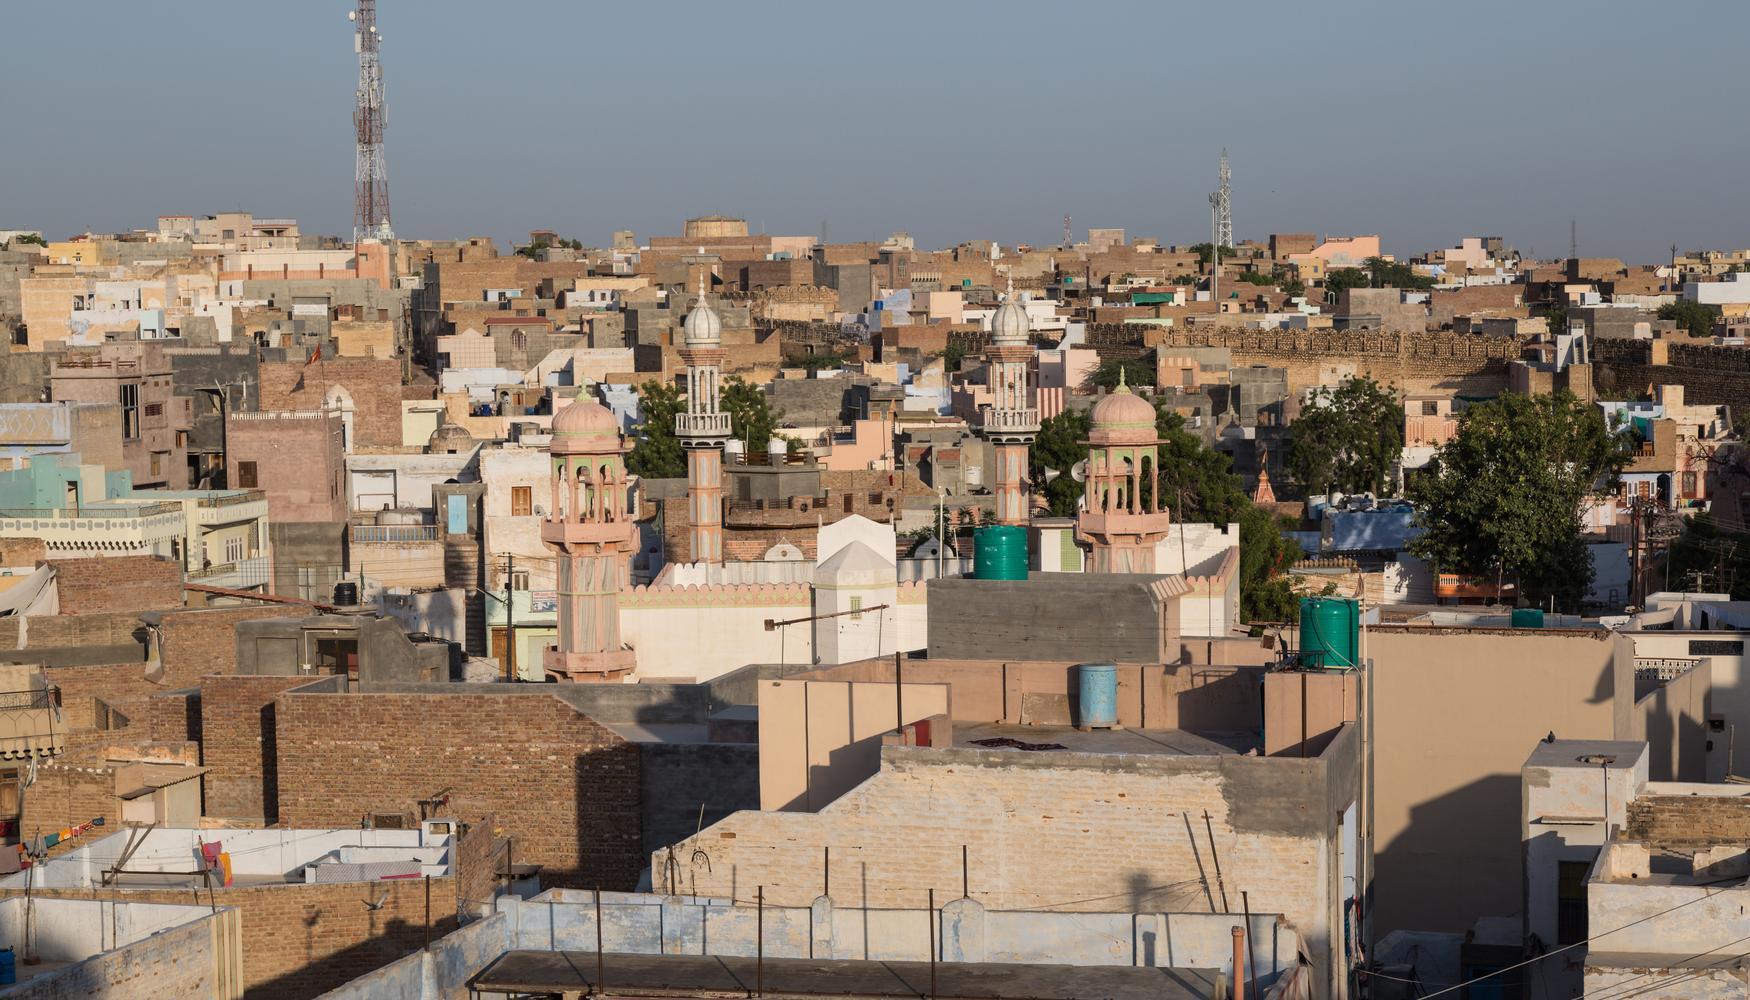 शहर से 343 किलोमीटर दूर पाकिस्तान में था केंद्र, बीकानेर-जैसलमेर में भूकंप के सामान्य झटके, नींद में थे इसलिए अहसास नहीं हुआ|बीकानेर,Bikaner - Dainik Bhaskar